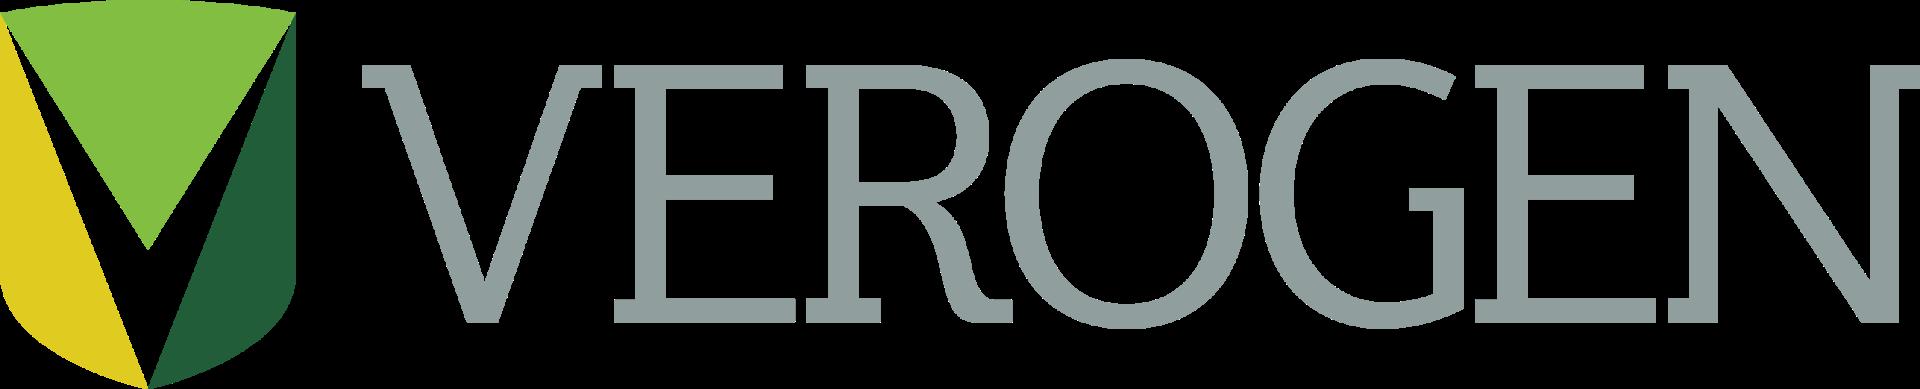 Verogen logo